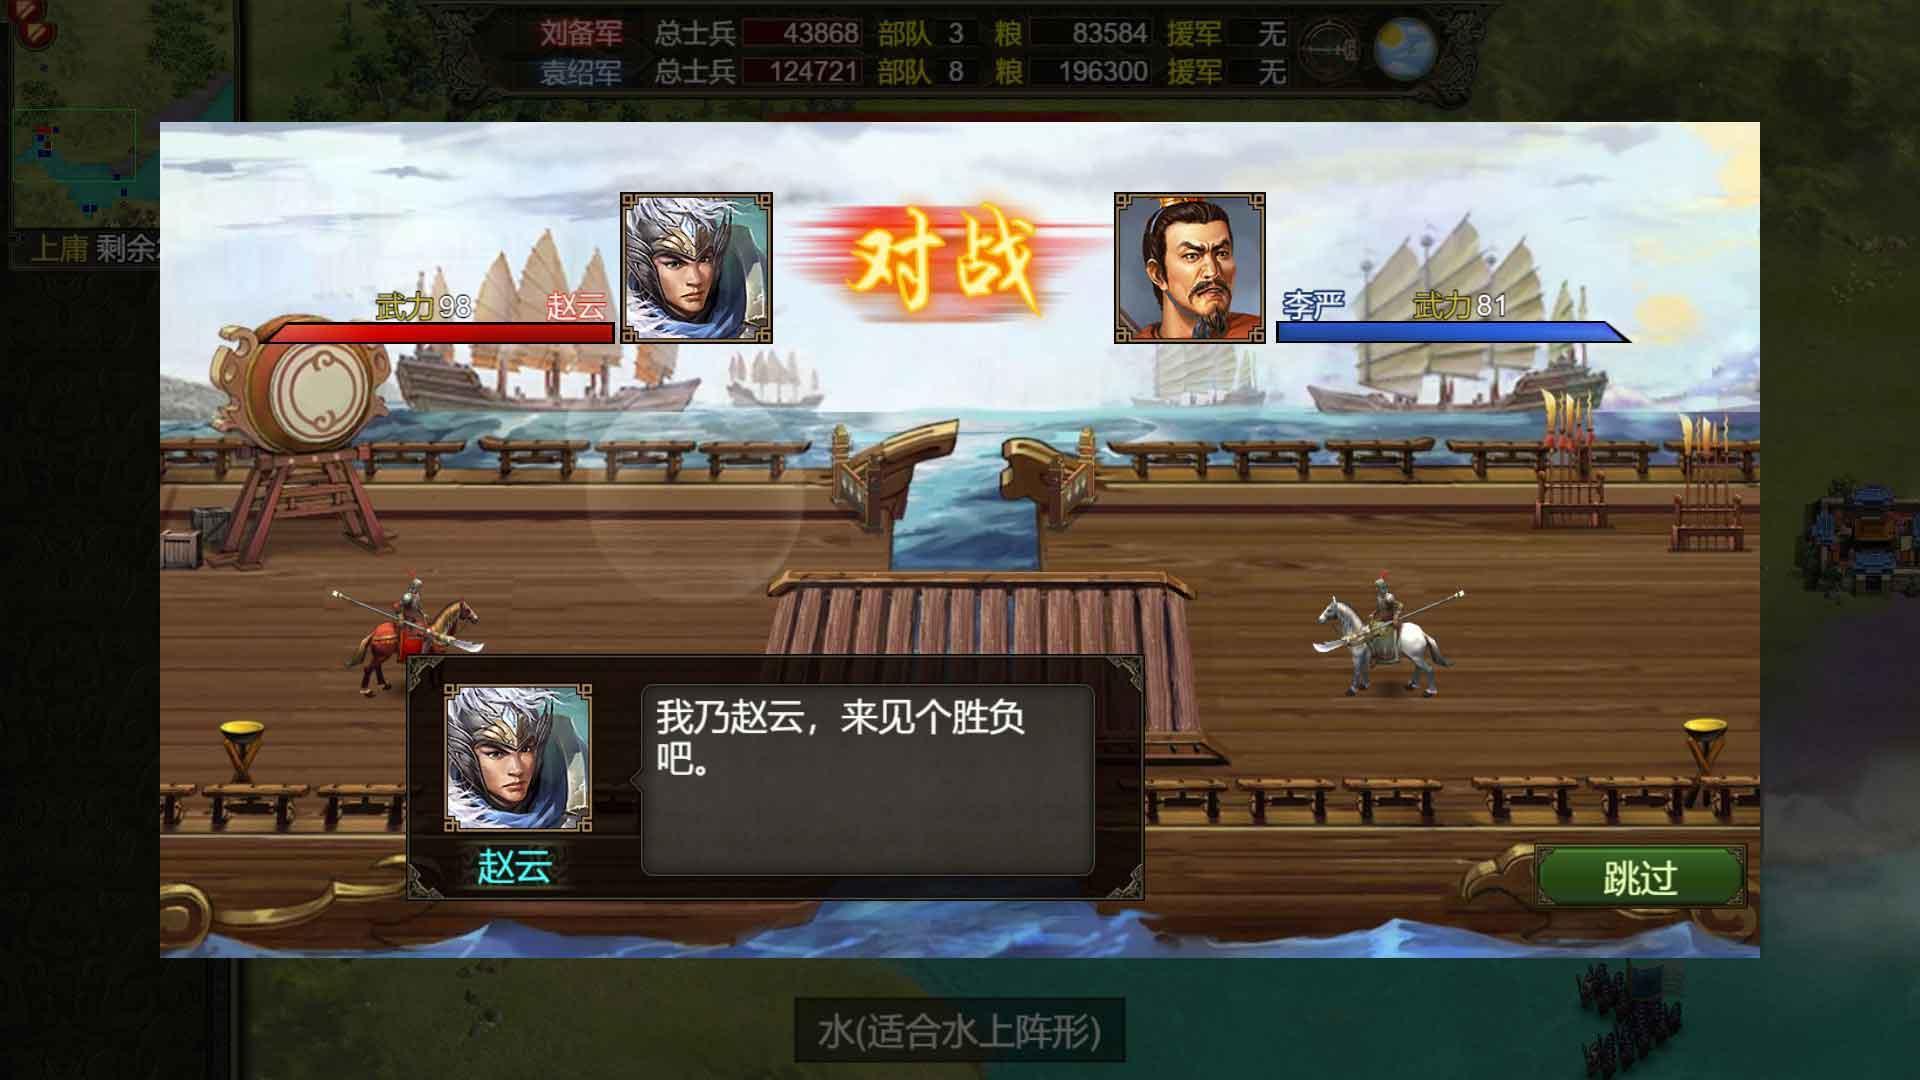 三国志天下布武 游戏截图2